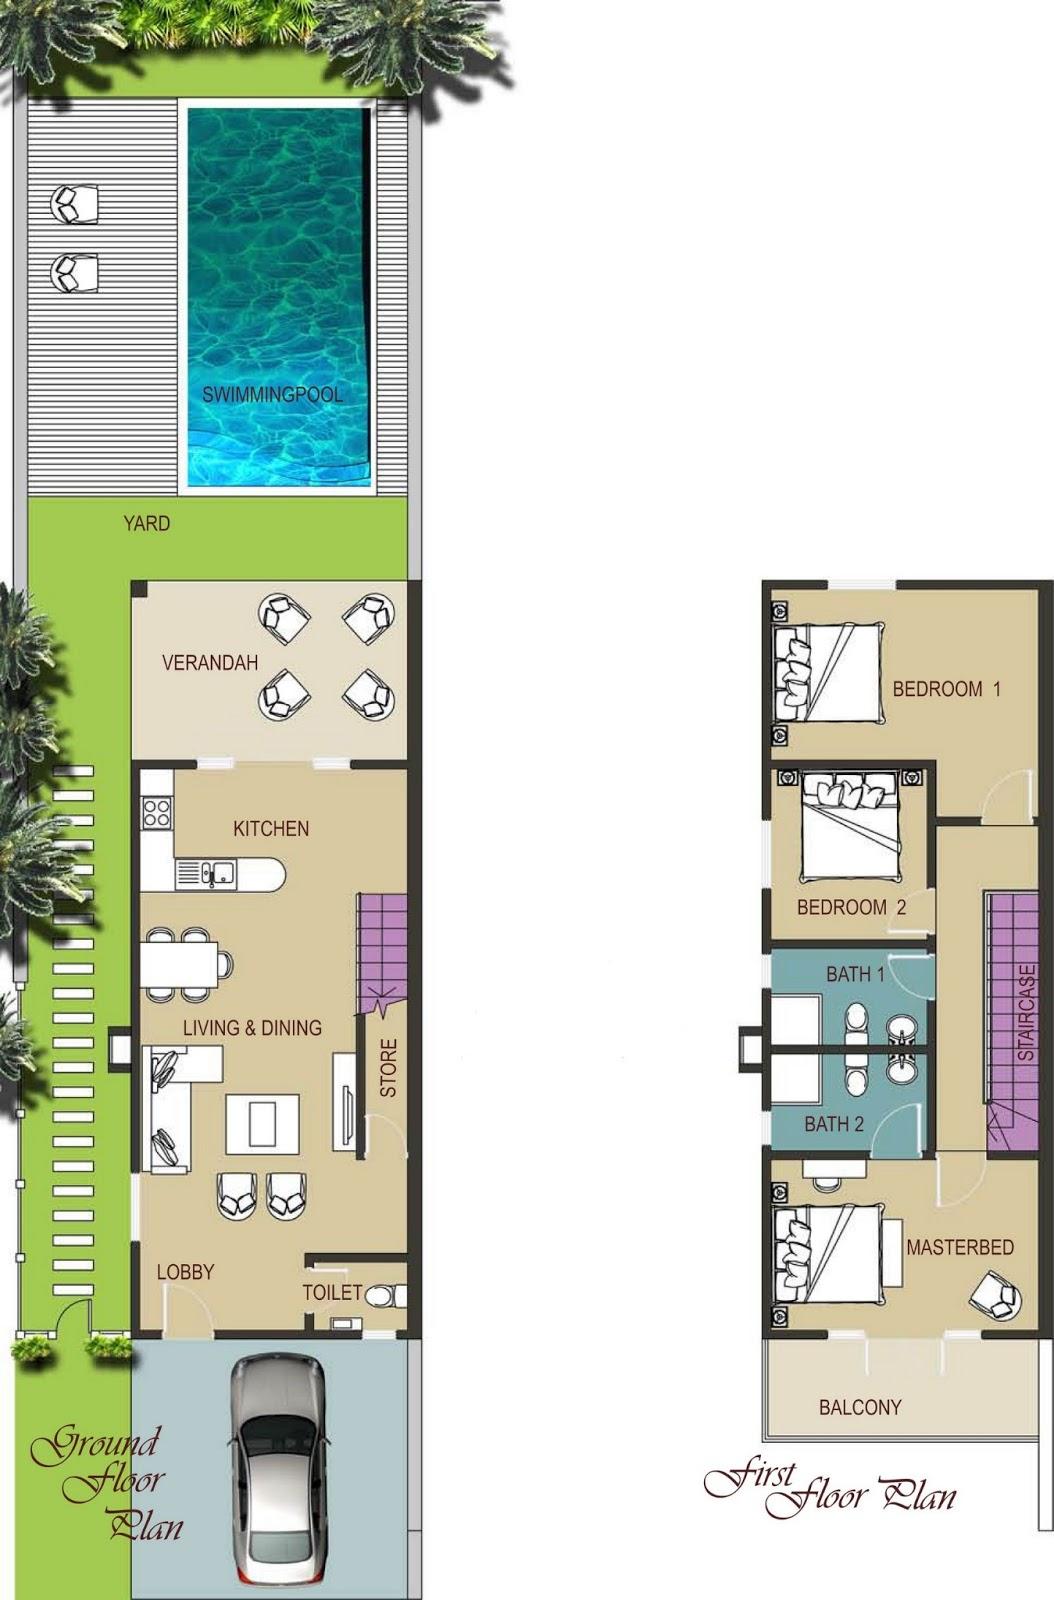 Connu Plan Maison Jumelée Avec Étage – Maison Moderne WG74